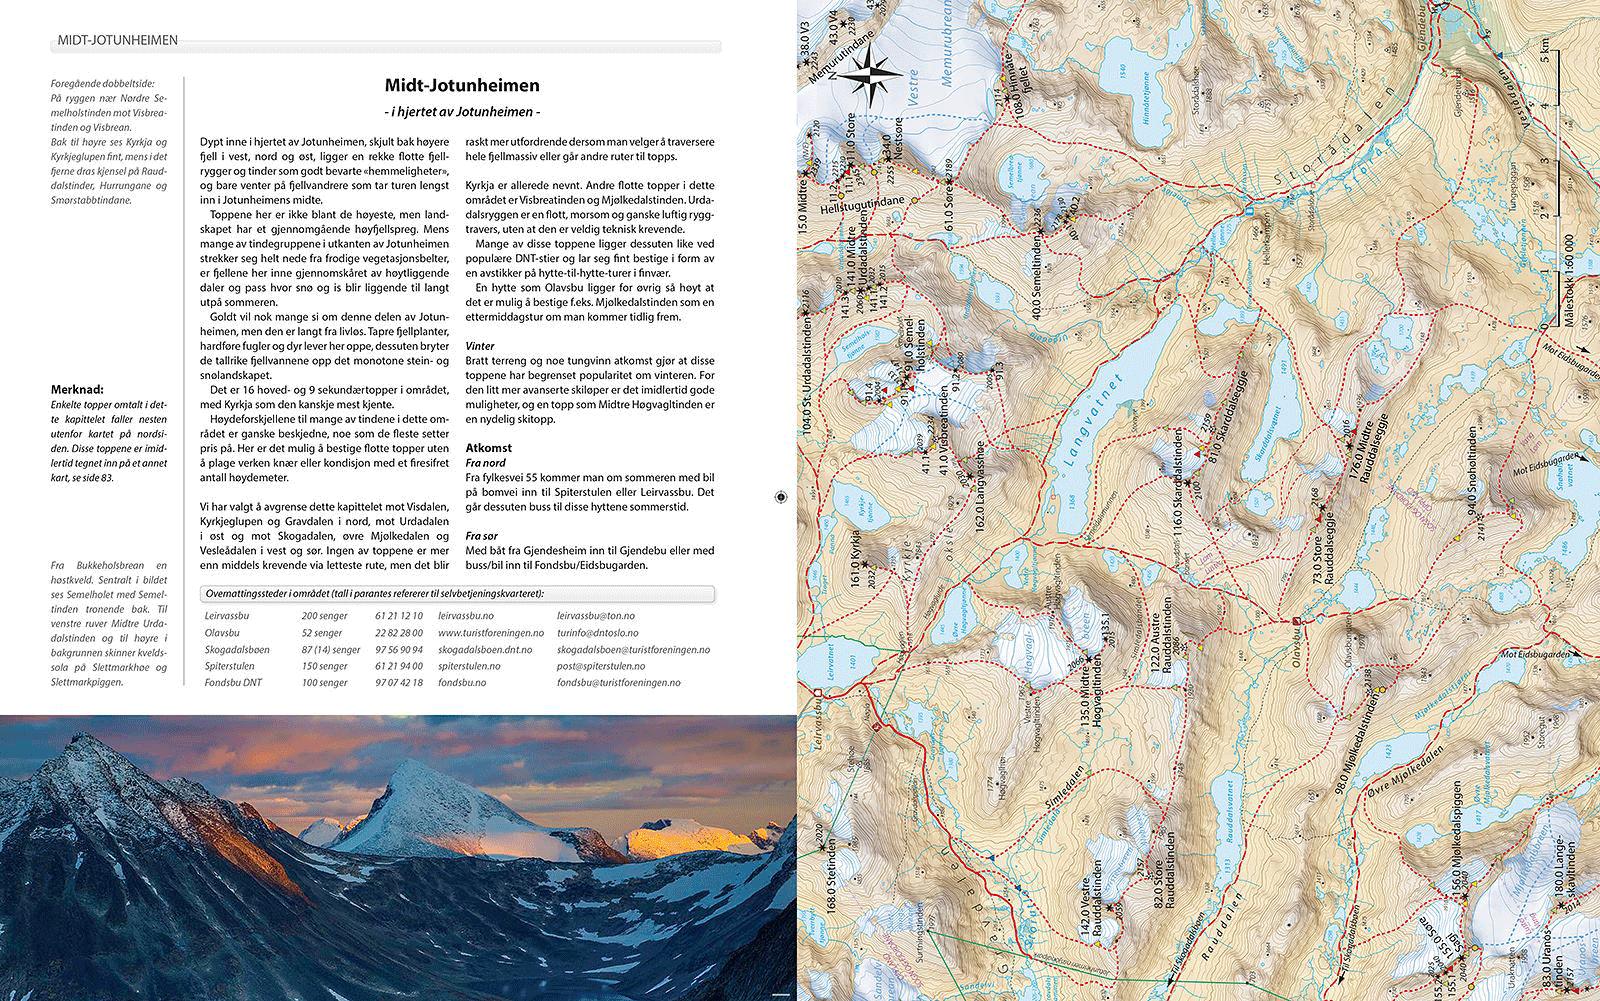 Norges Fjelltopper over 2000 meter - Utdrag